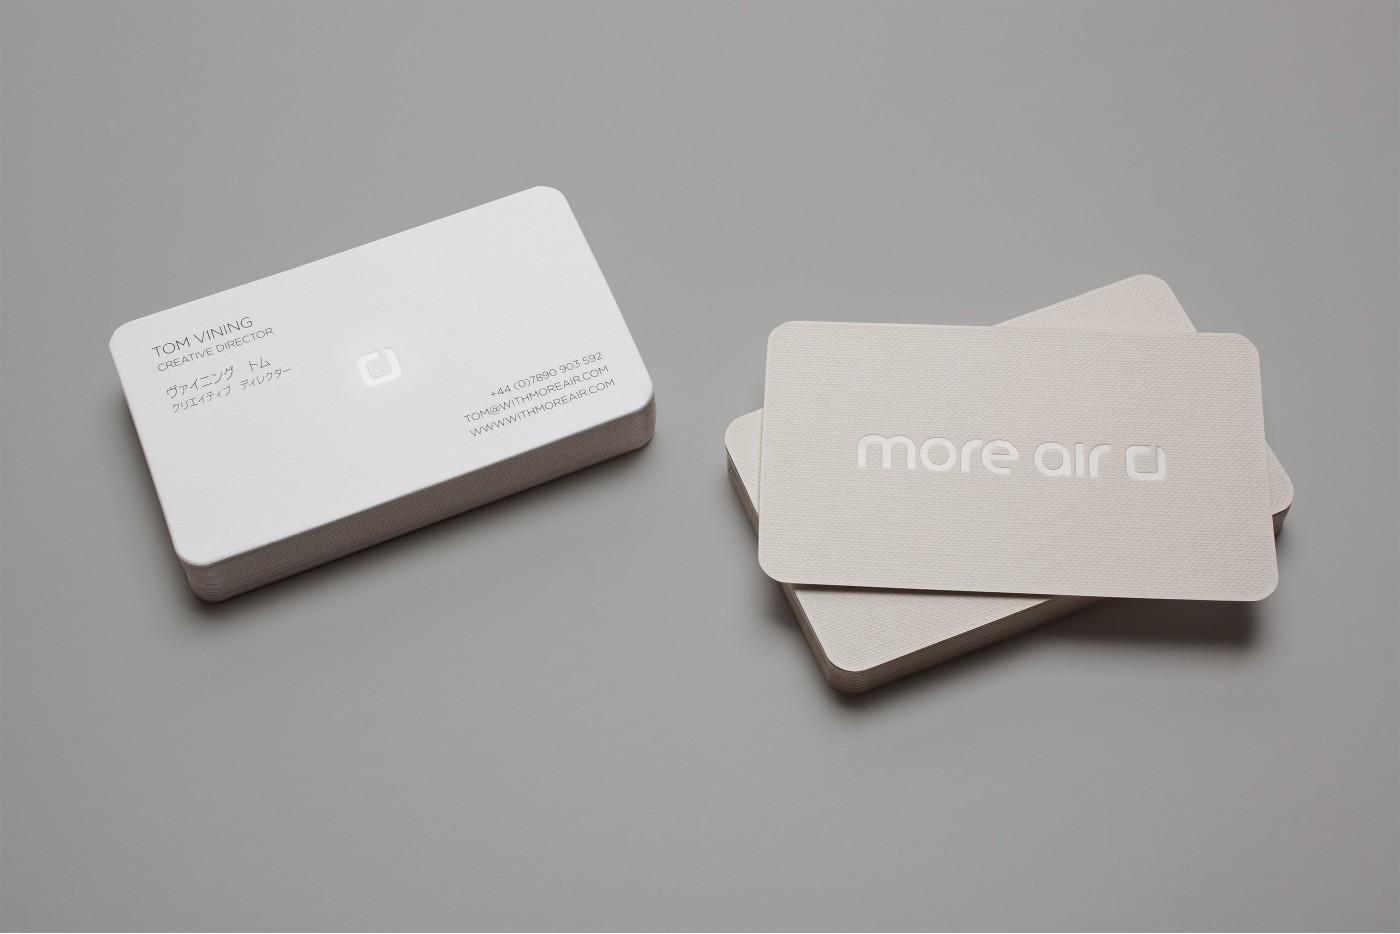 More Air, 2011